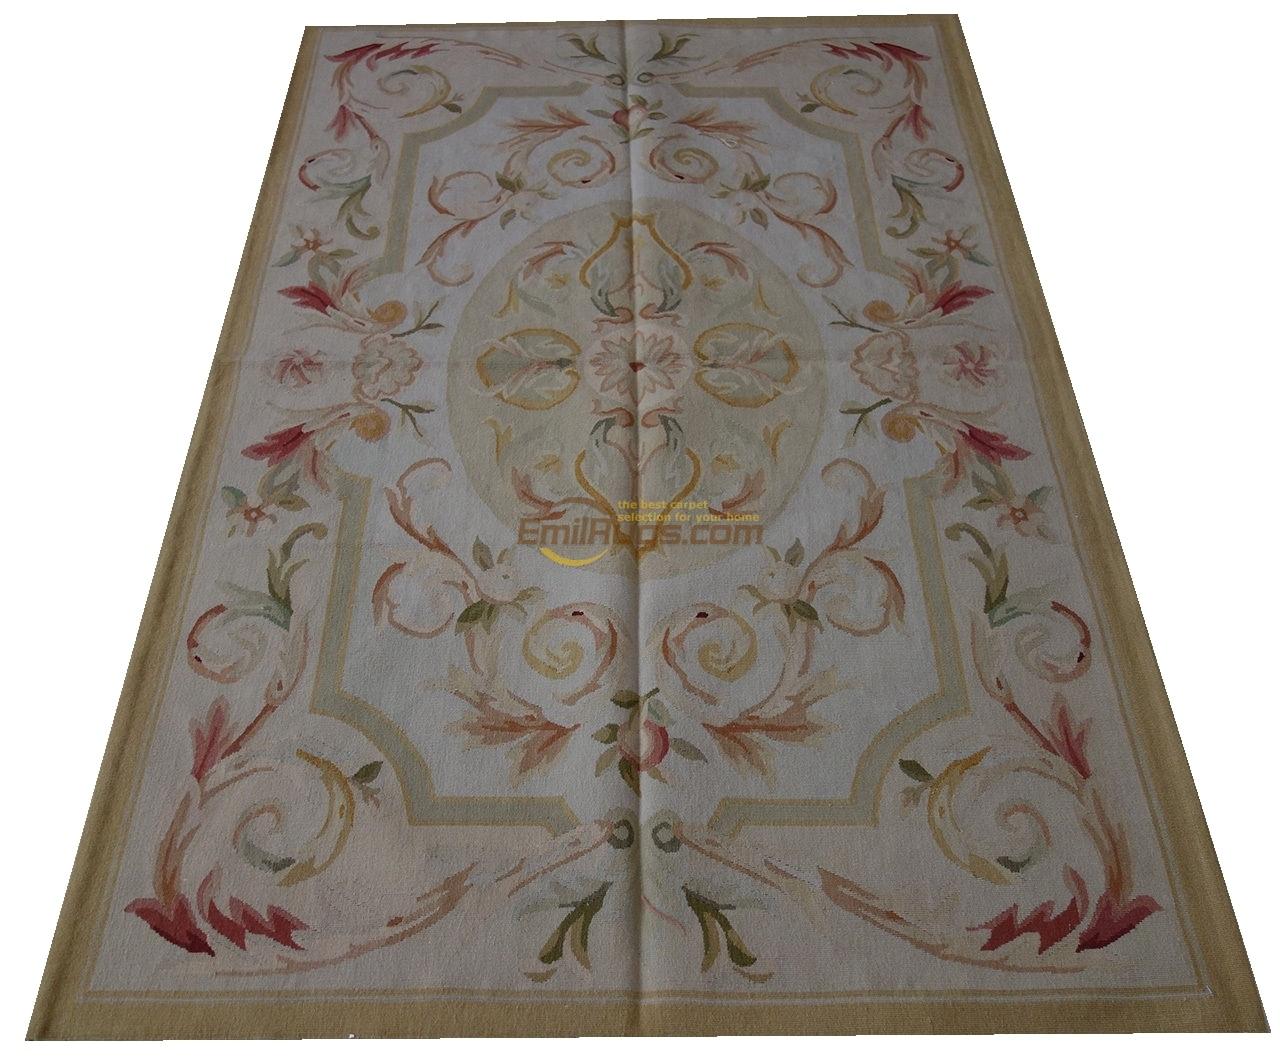 Französisch aubusson teppiche xpa6007b FPASTEL ANTIKEN LICHT Farbe Bereich Shabby Chic Boden gc8aubyg13|Teppich|Heim und Garten -